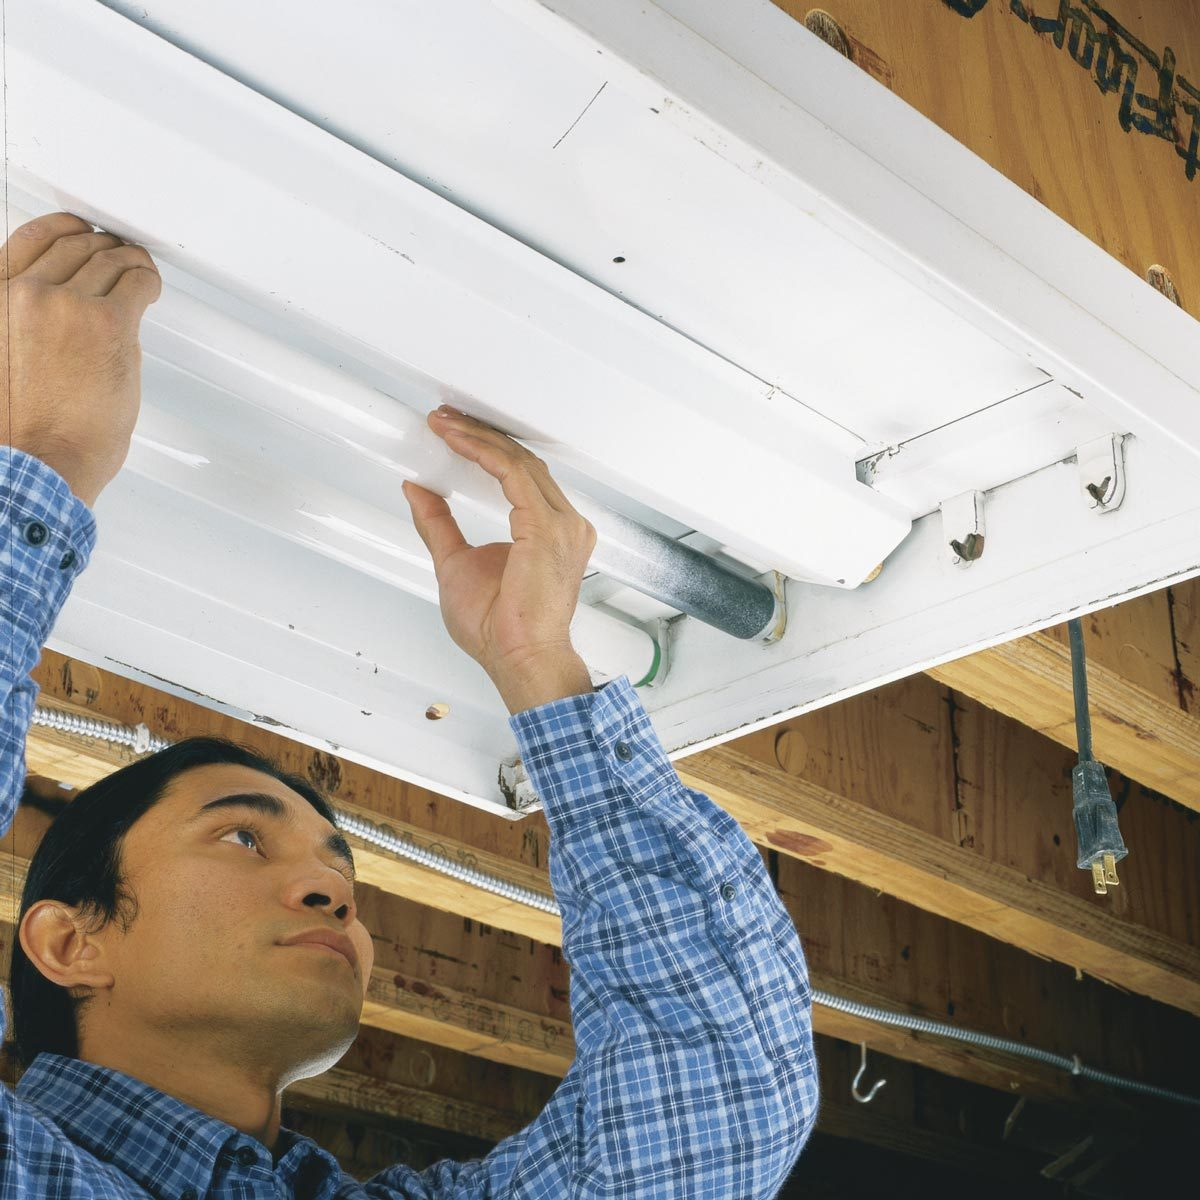 Replace Fluorescent Light Fixture